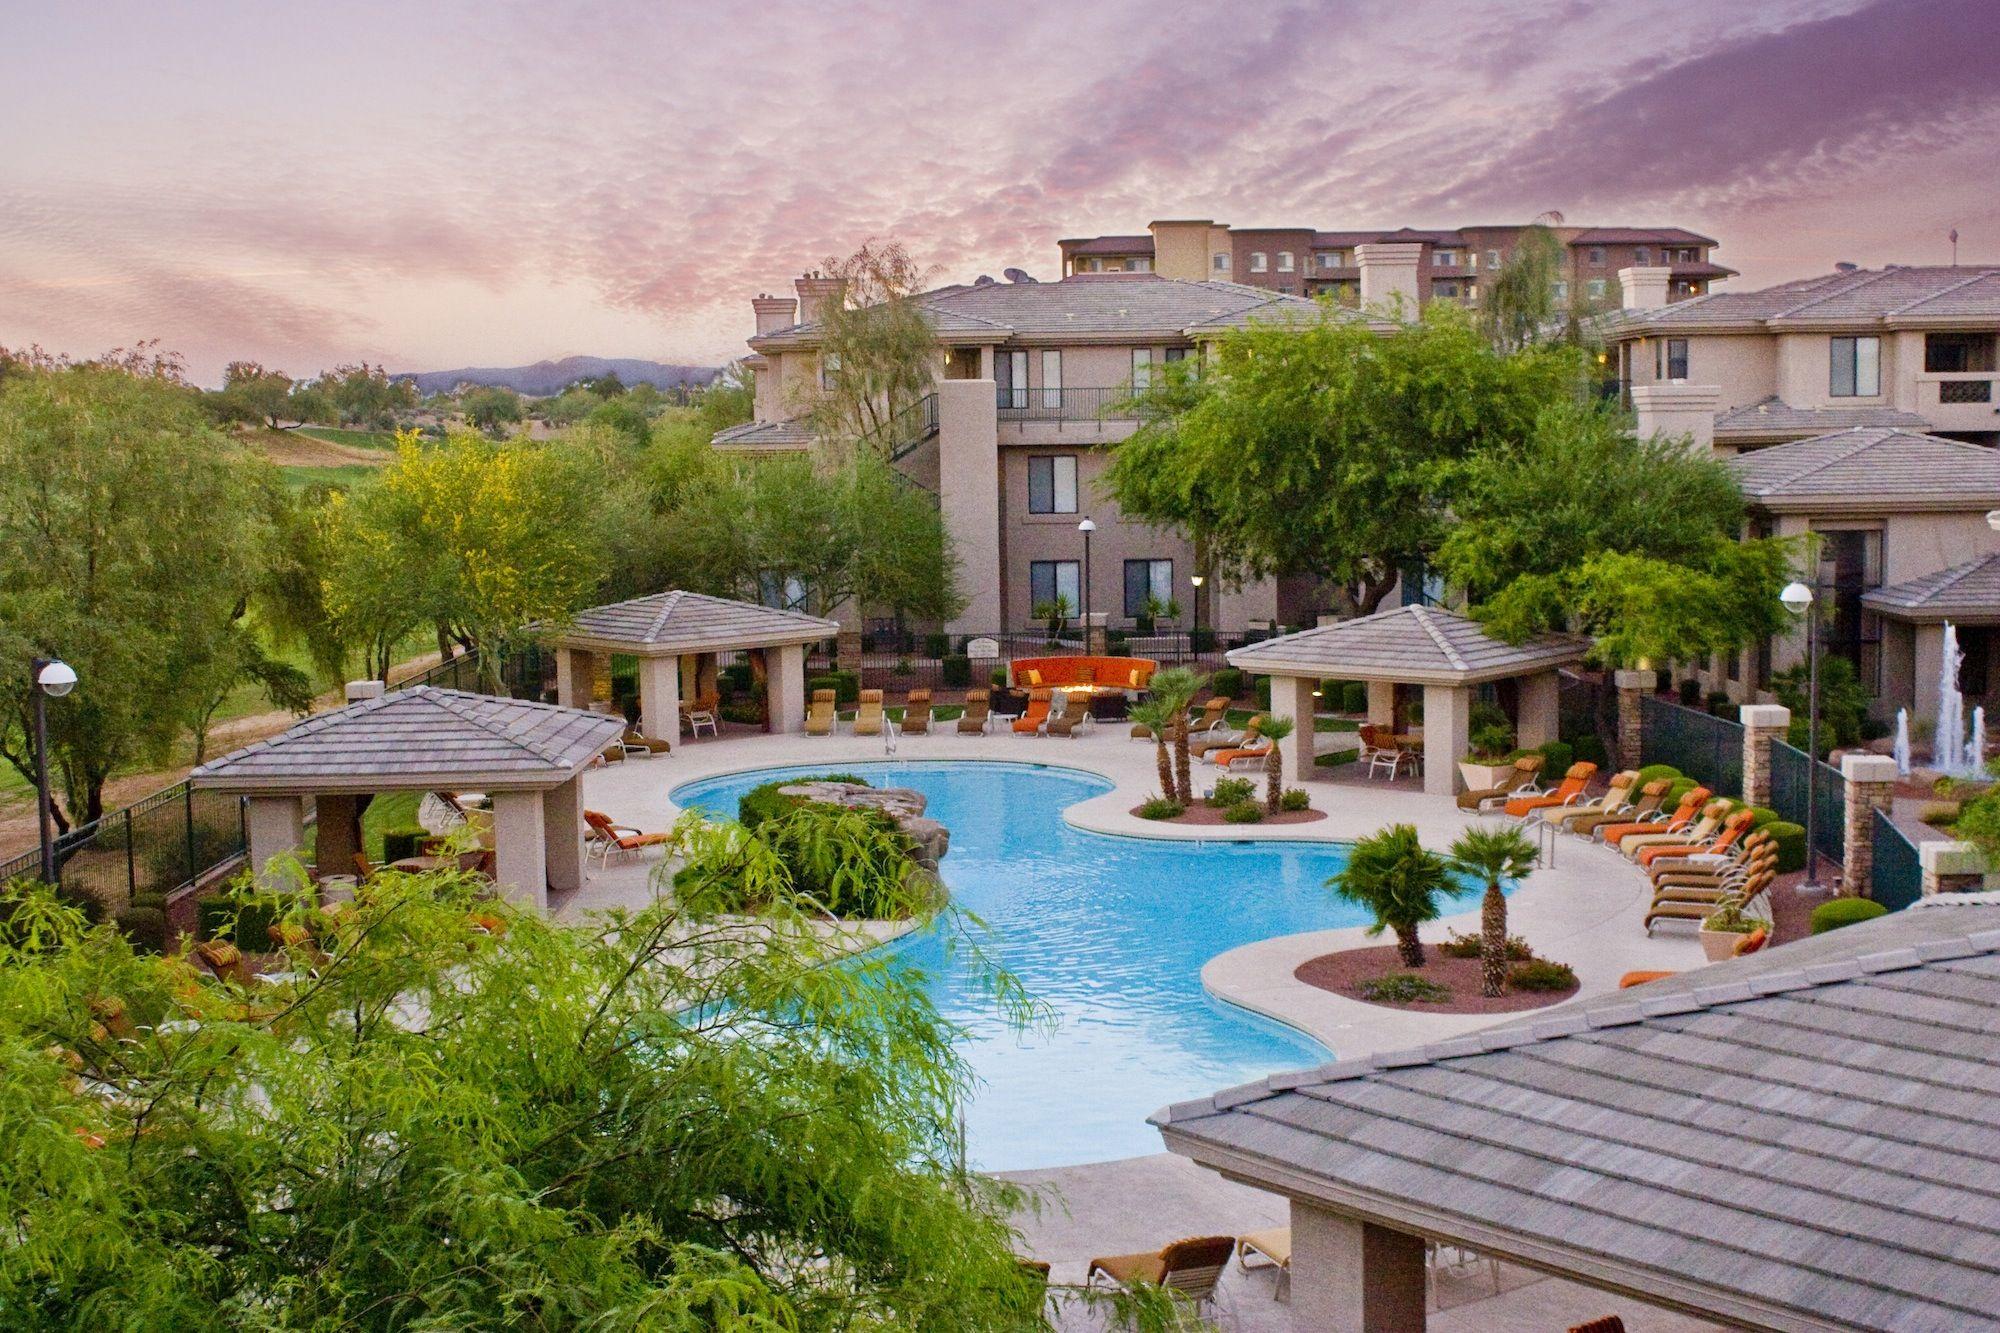 luxury apartment complex. Luxury Apartment Complex Amazing Ideas 2 On